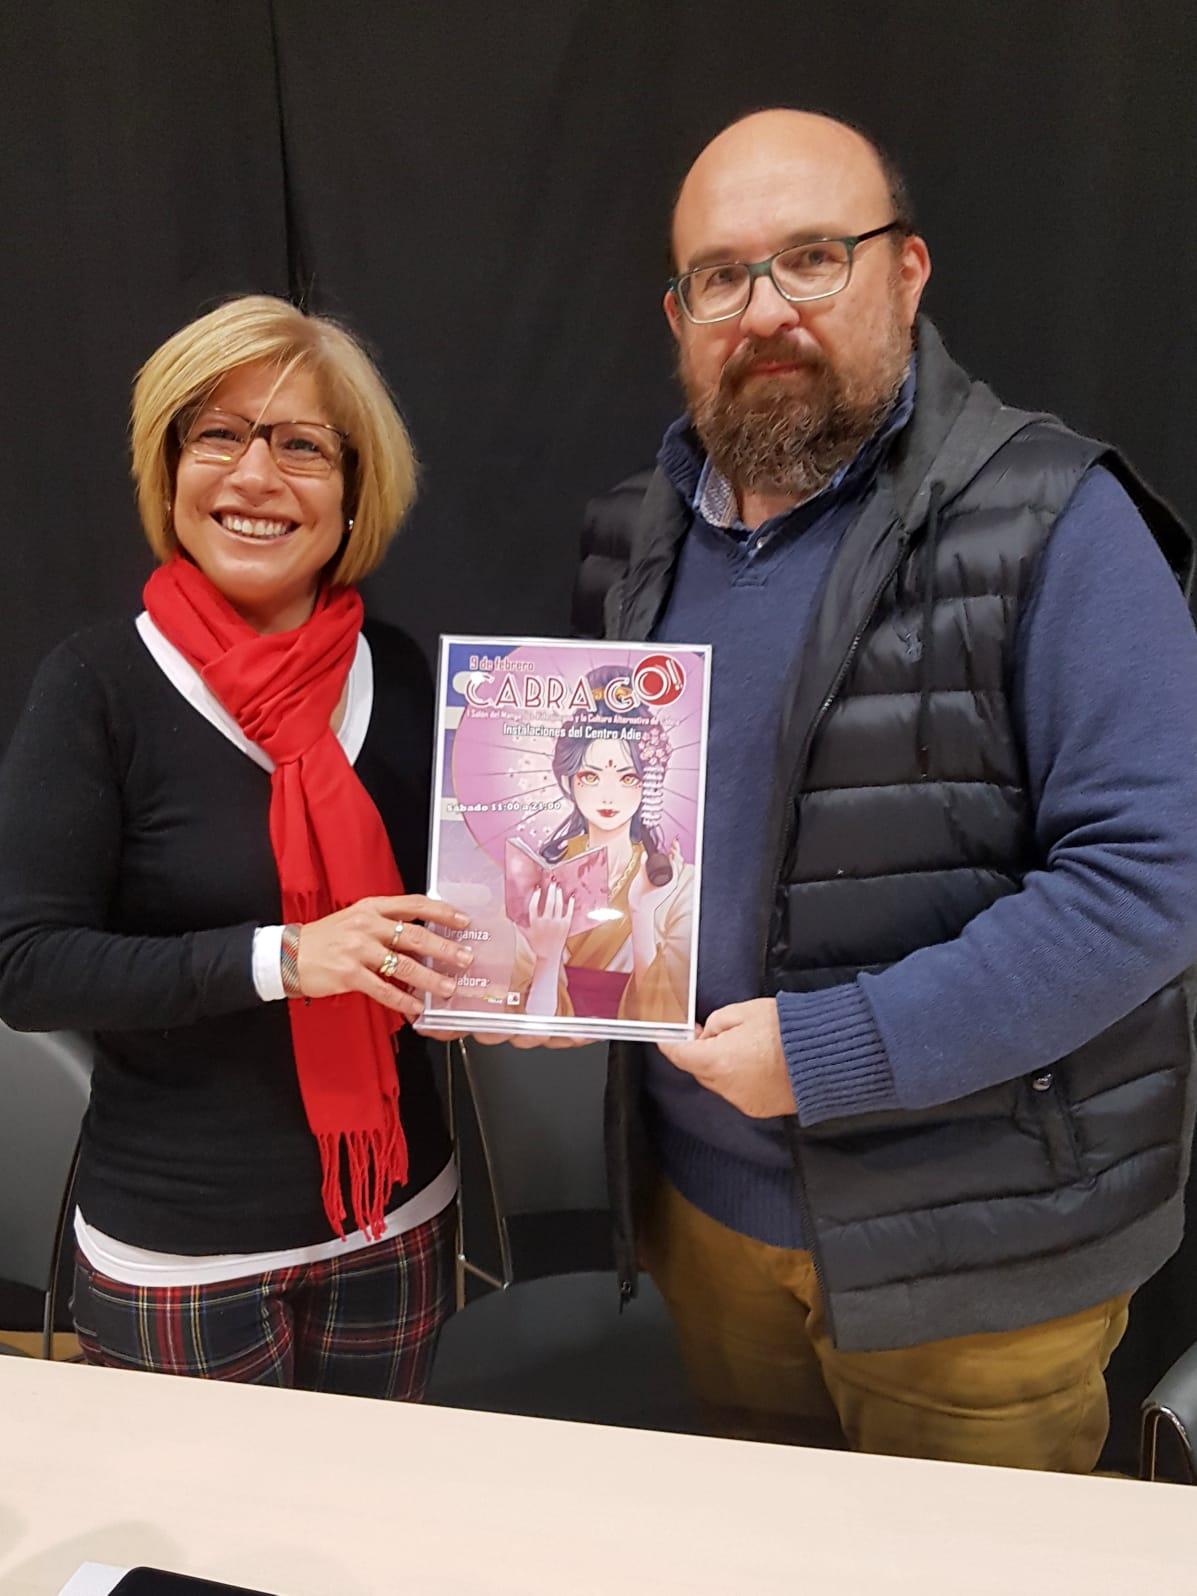 La Delegación de Juventud presenta Cabra Go!, primer Salón del Manga, los videojuegos y la cultura alternativa de Cabra